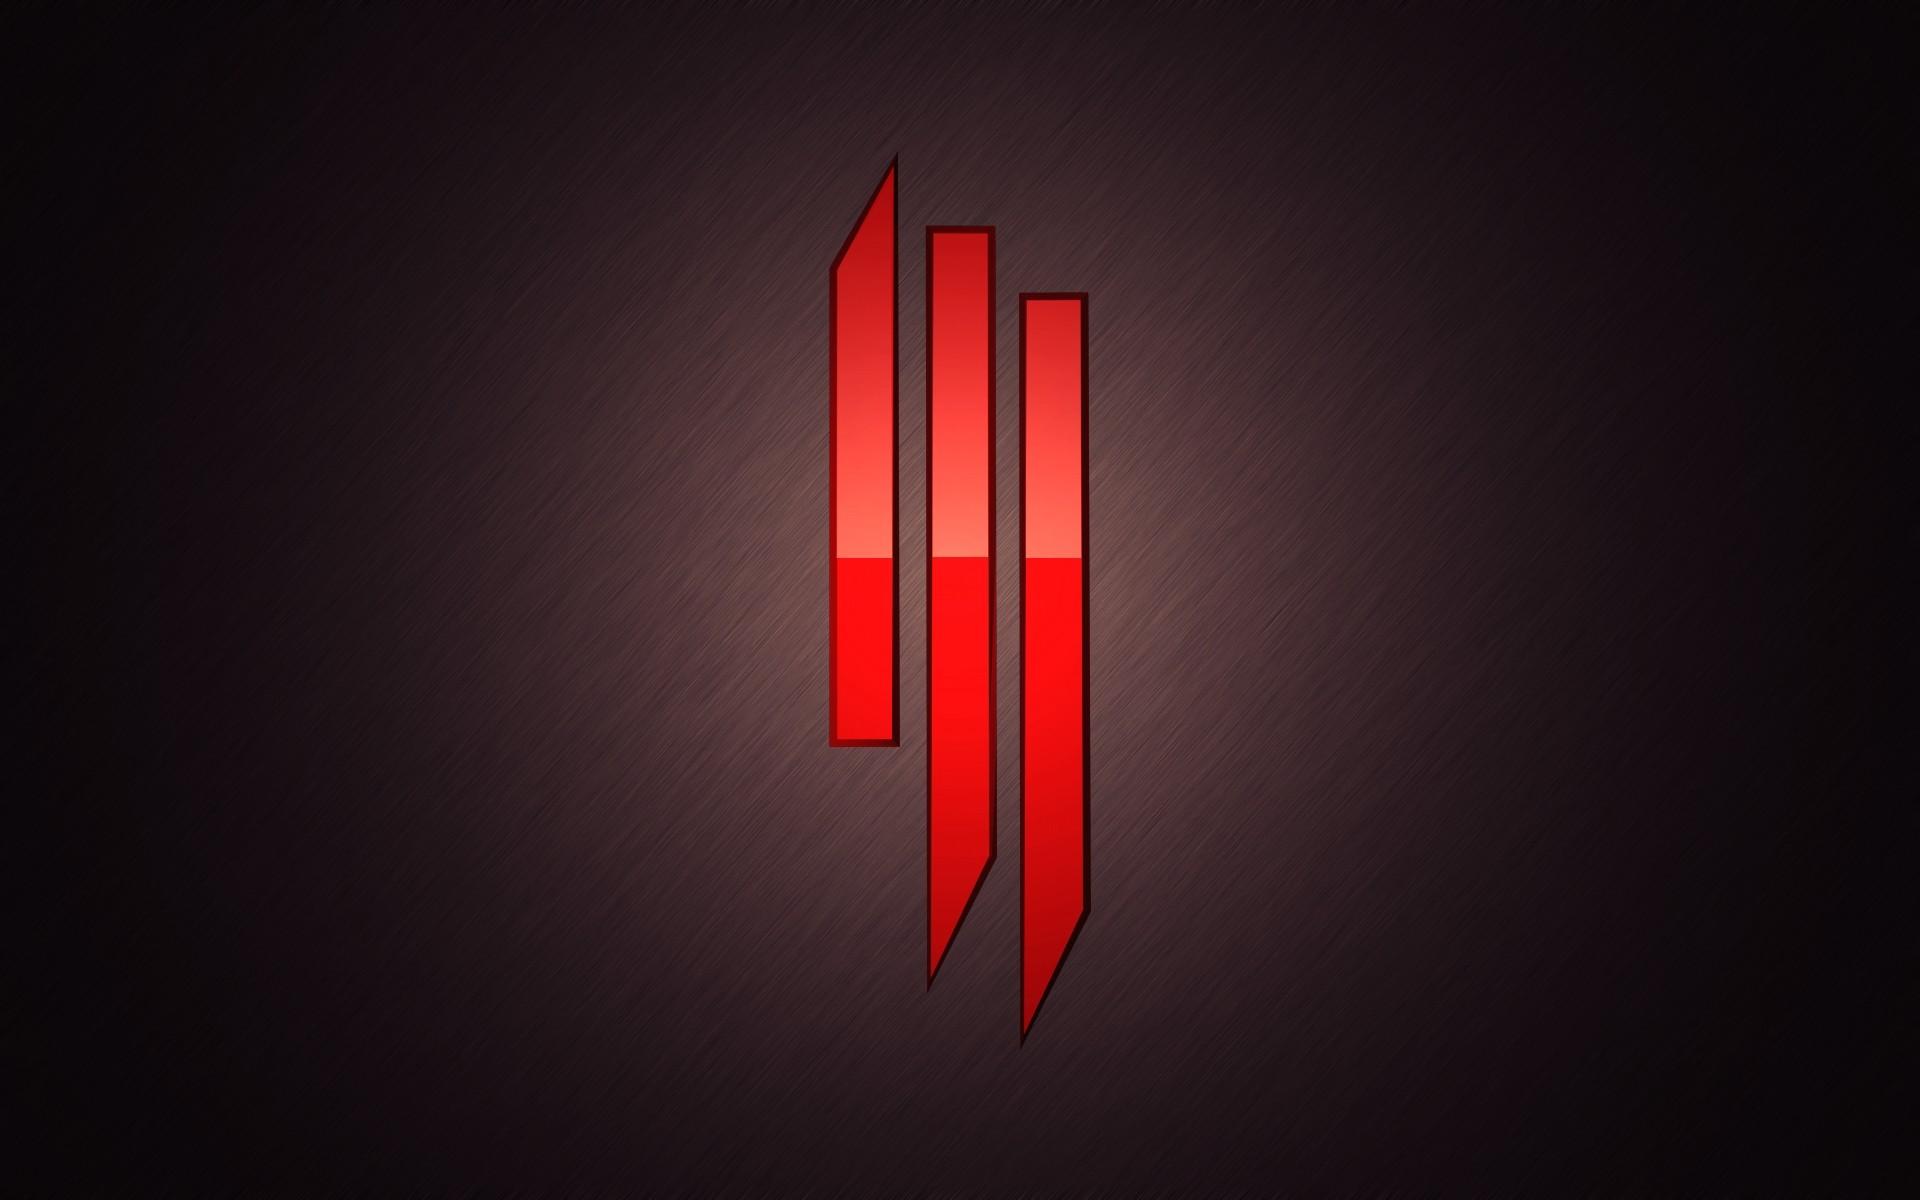 Wallpaper skrillex, symbol, red, background, light